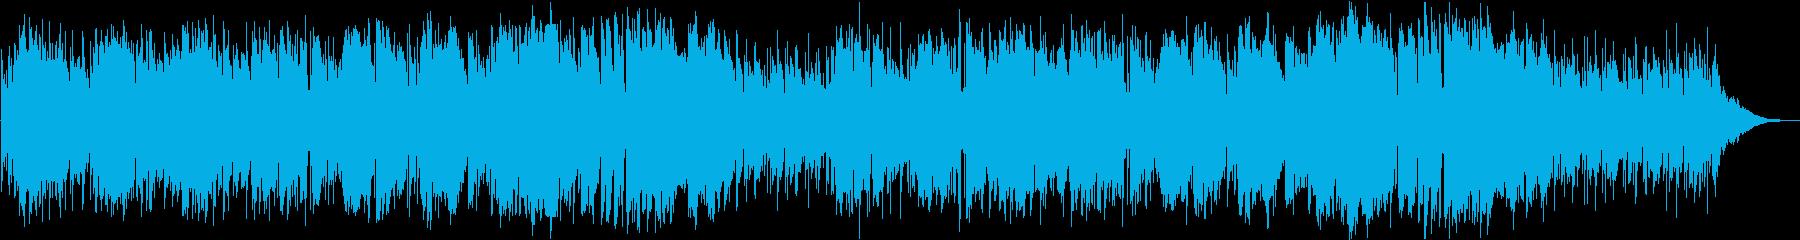 やすらぎのヴァイオリンPOPSの再生済みの波形